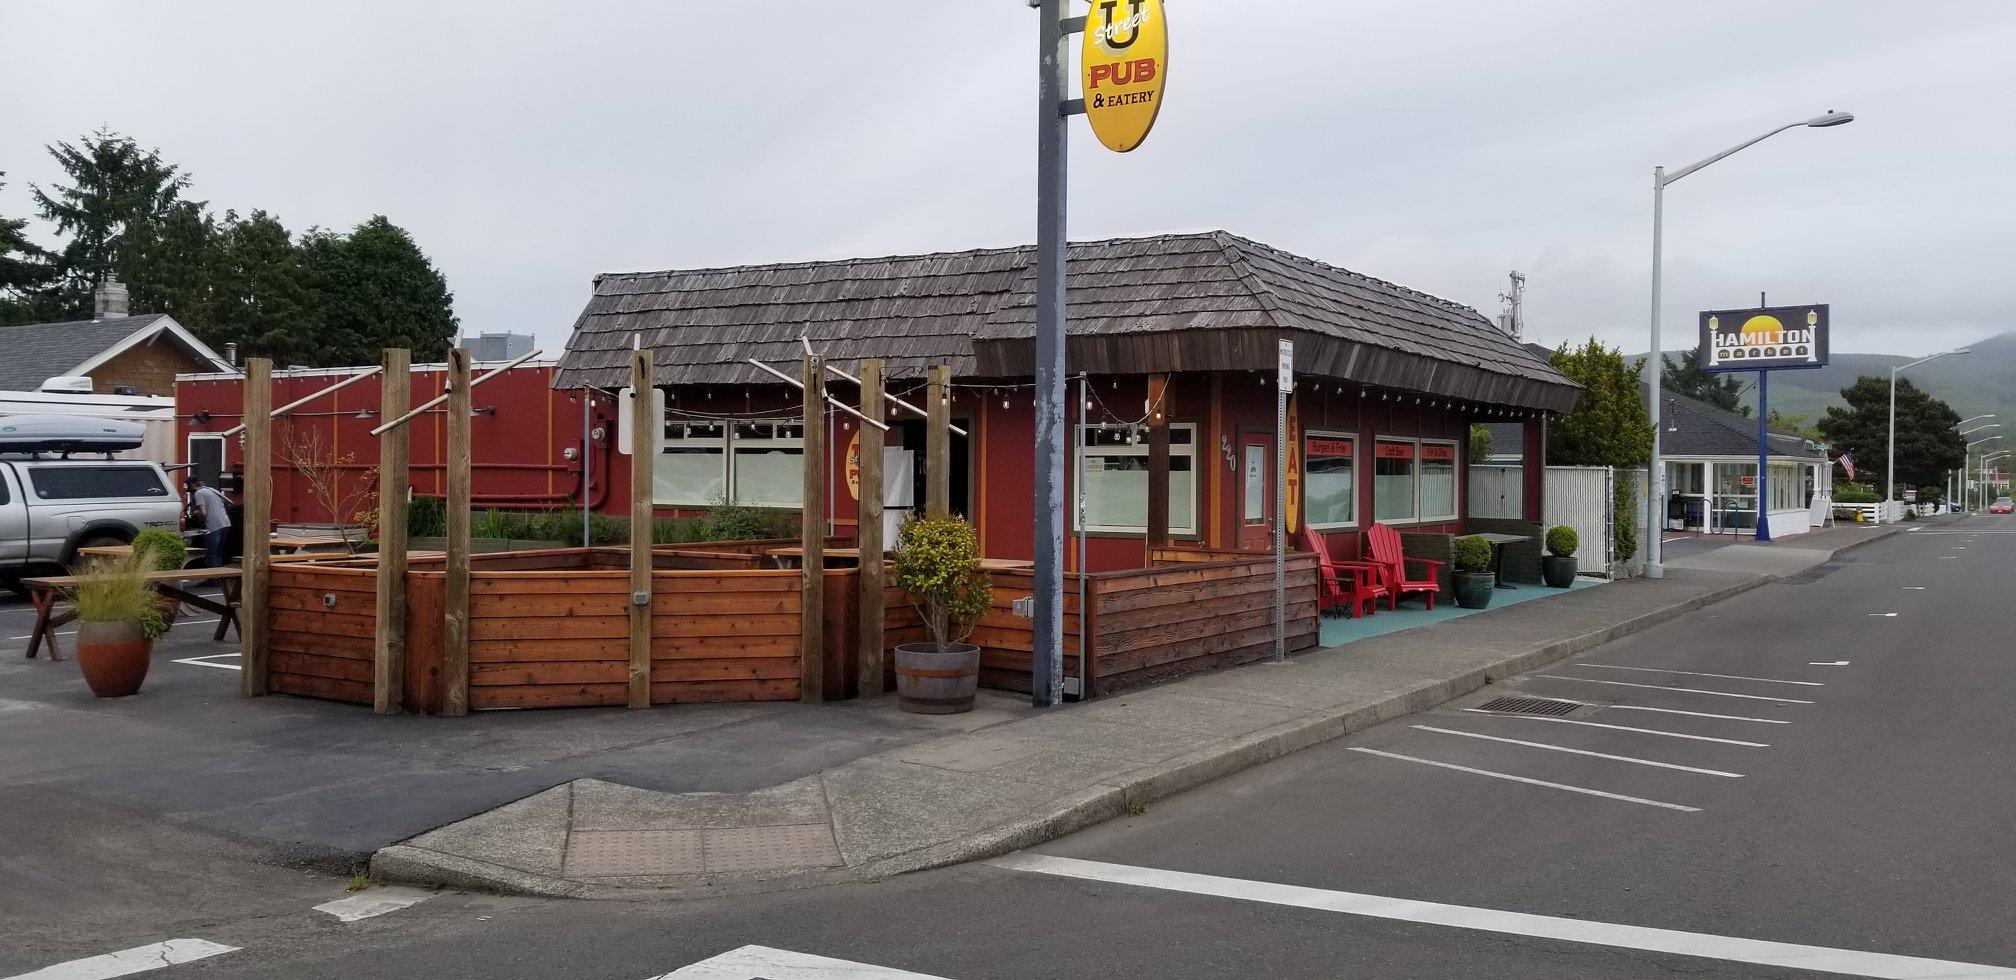 U-Street Pub & Eatery.jpg